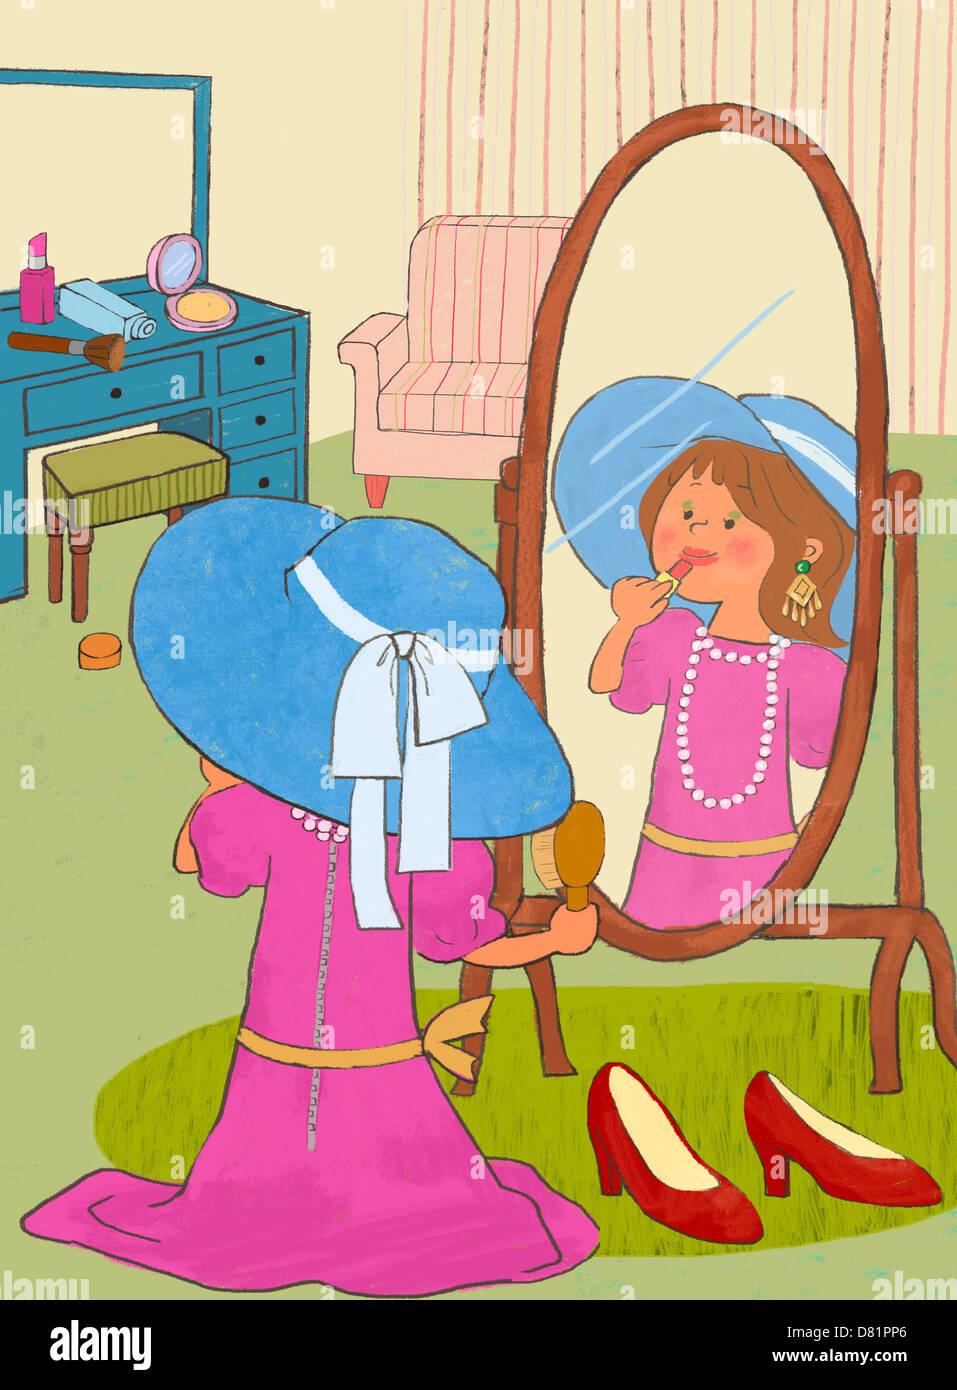 Una ilustración de un niño que juega. Imagen De Stock